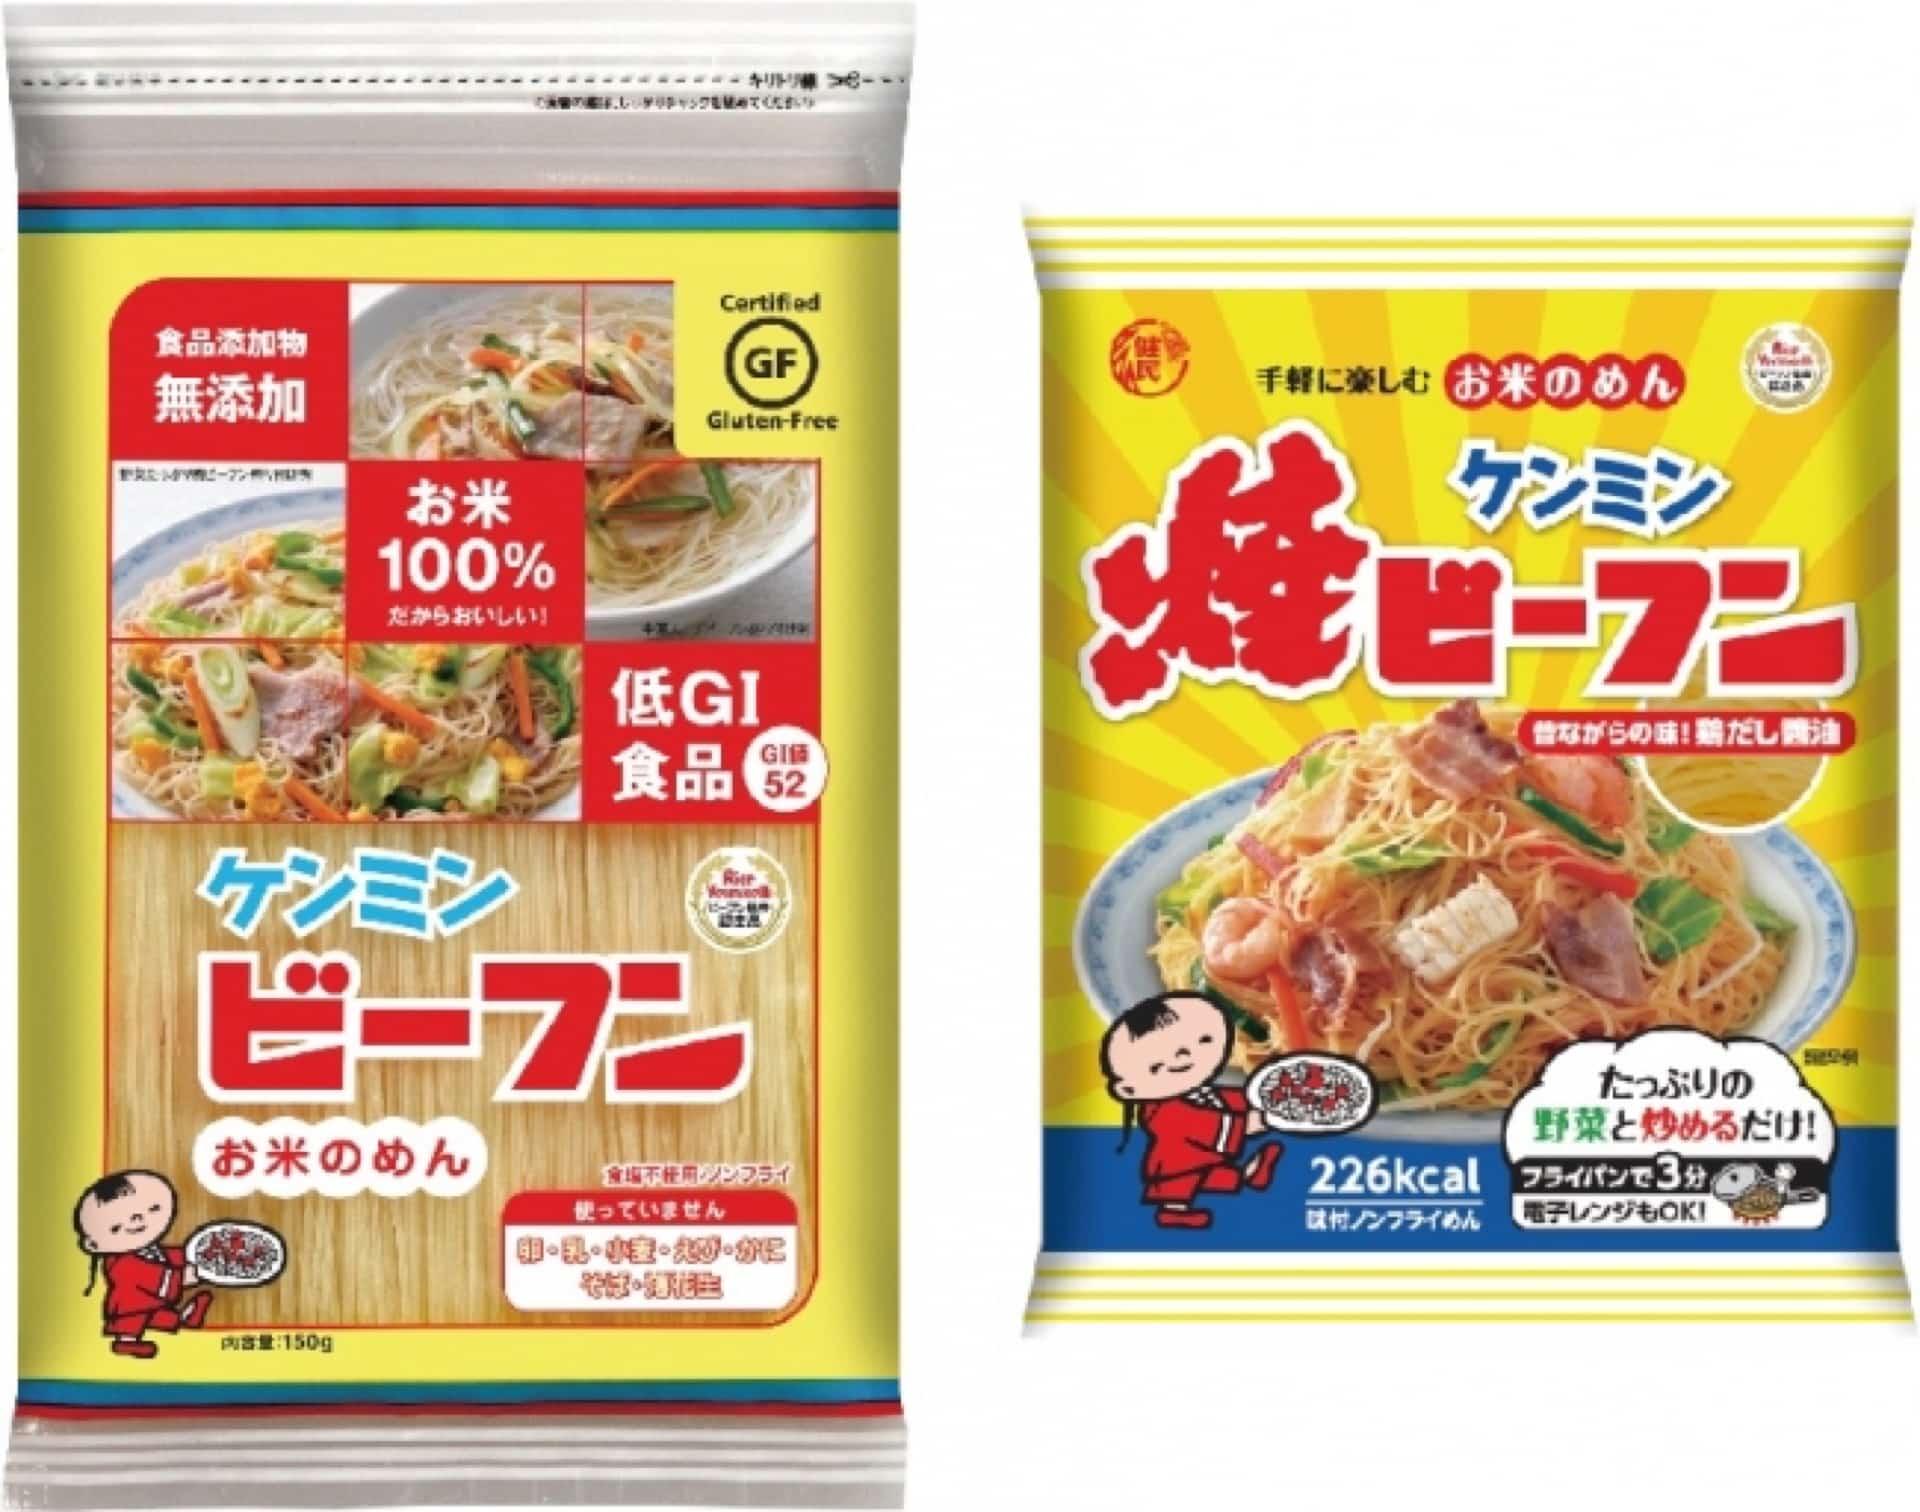 8月18日、三宮で「ケンミンの焼ビーフン」無料配布!神戸生まれのビーフンは常備しておきたい逸品